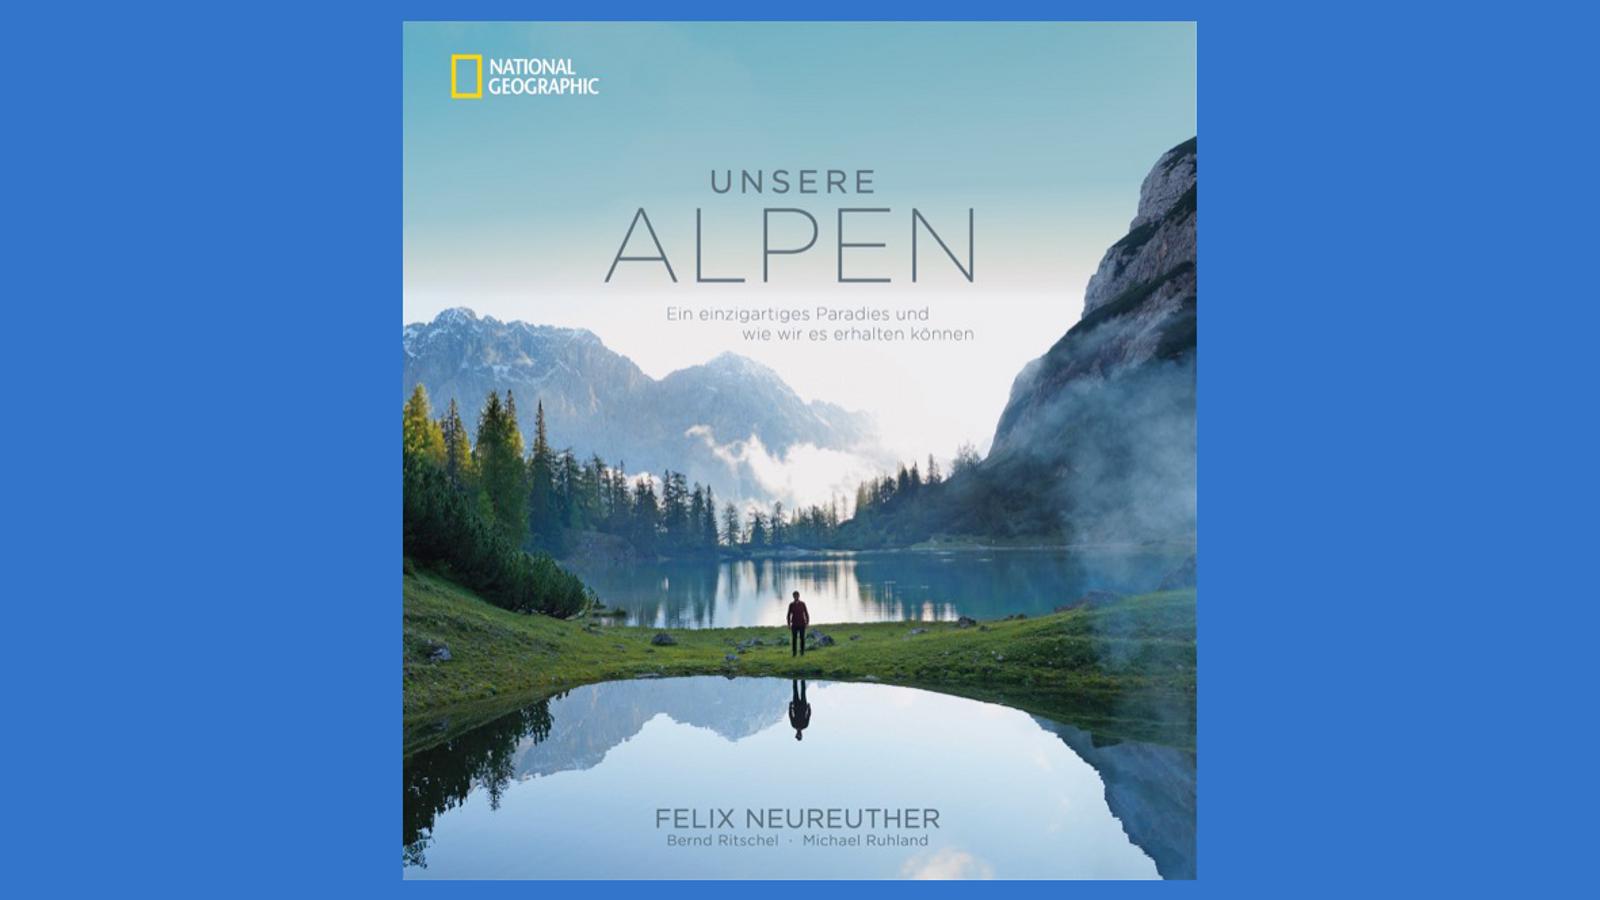 Unsere Alpen – Felix Neureuther